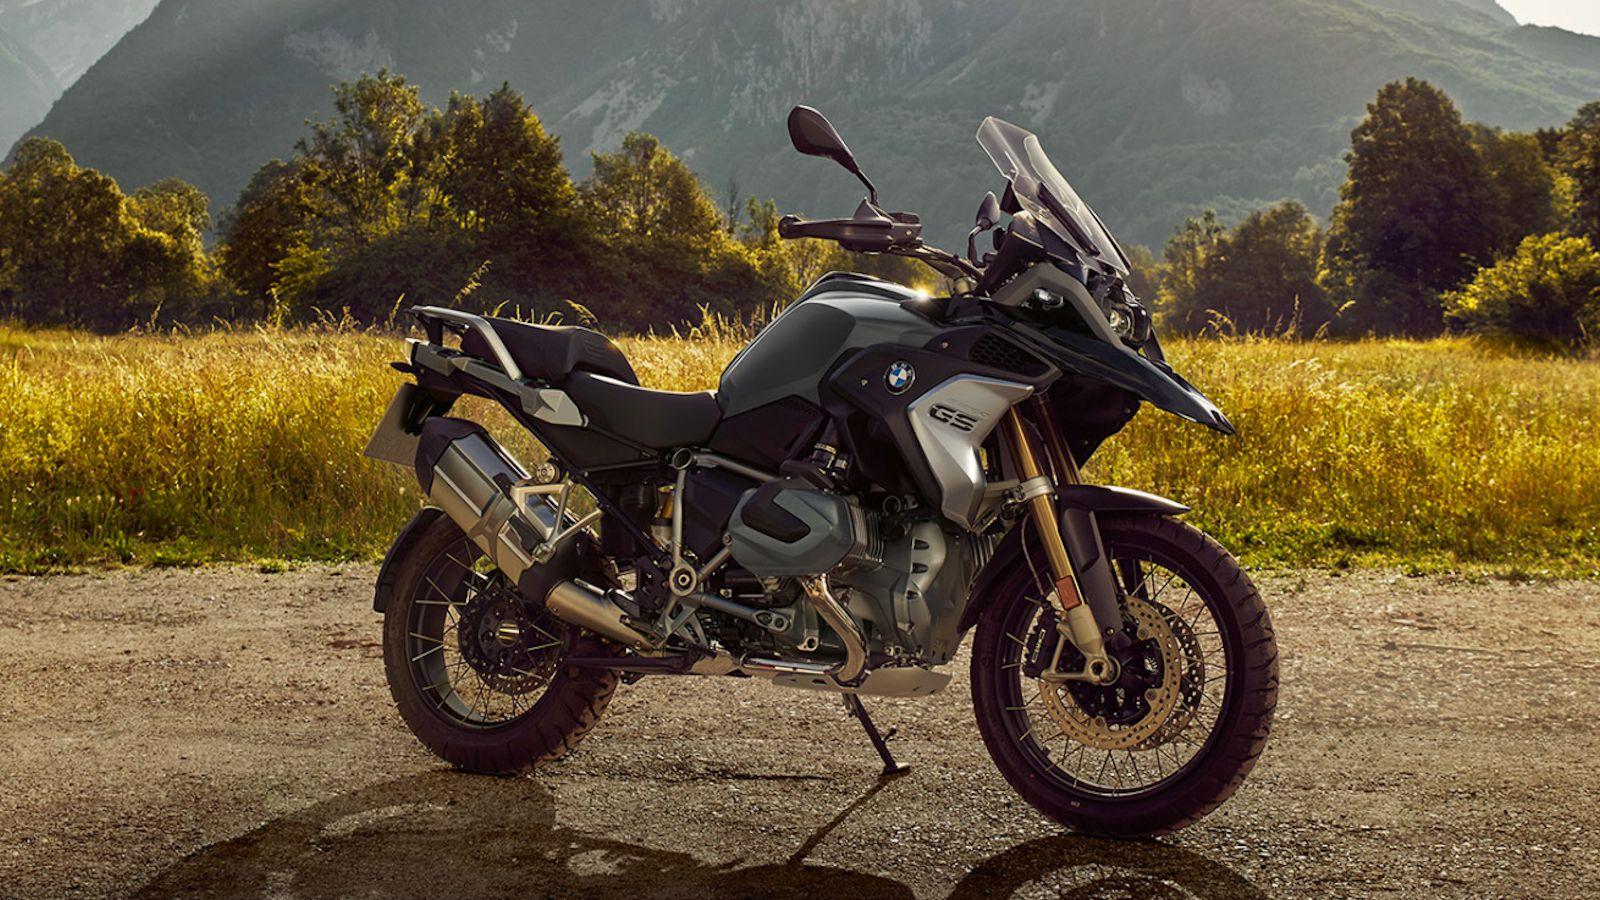 2019 Bmw R 1250 Gs Bmw Motorcycle Bmw Motorrad